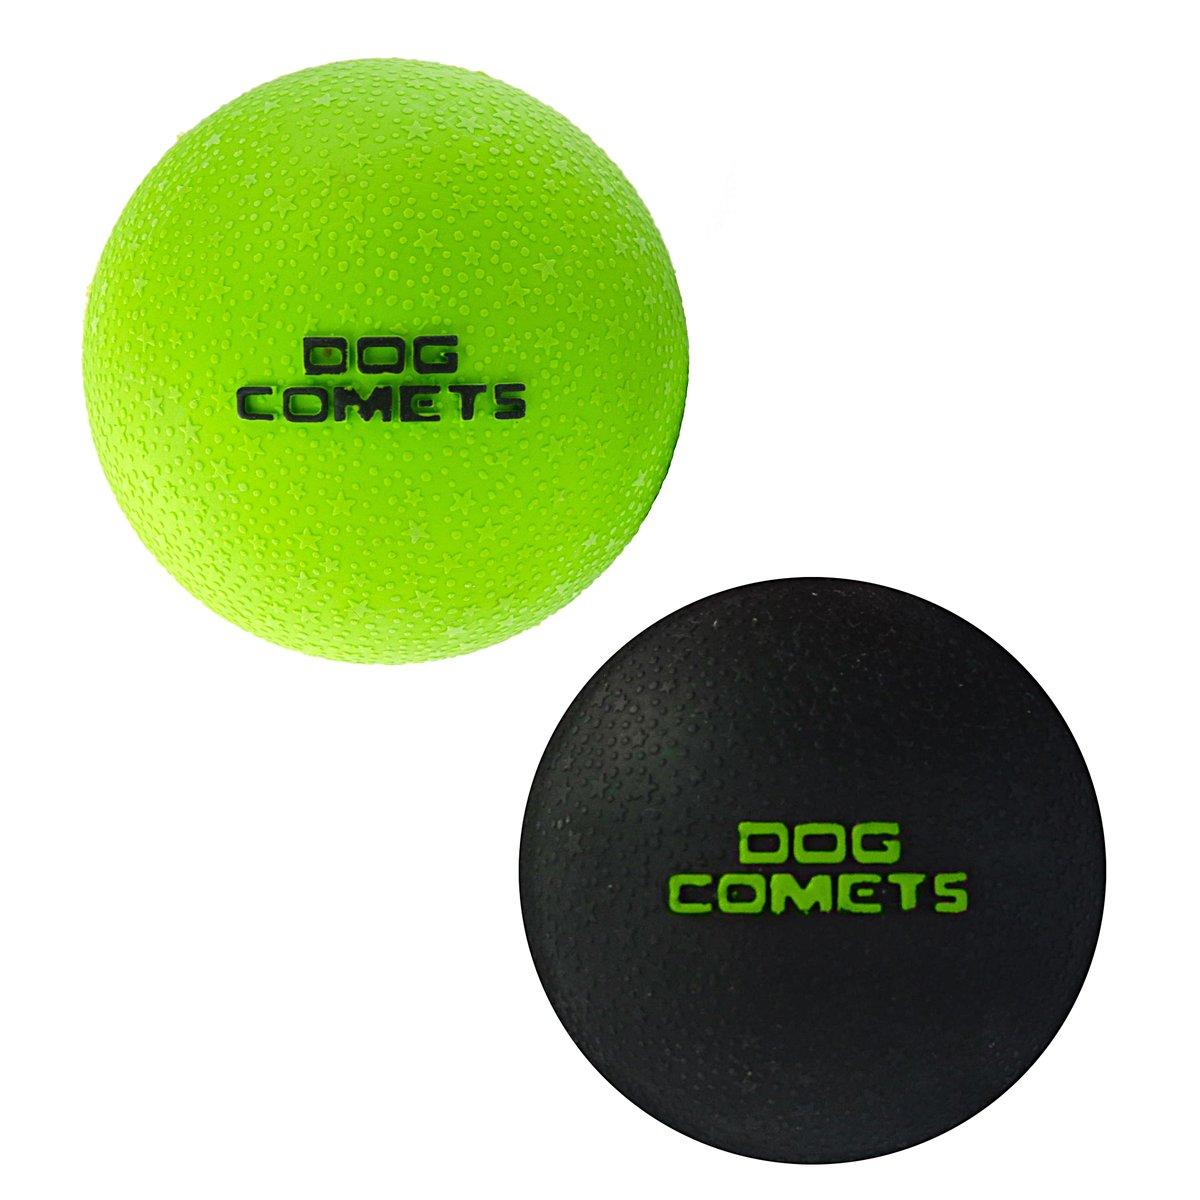 Afbeelding van Dog Comets Ball Stardust groen 6cm